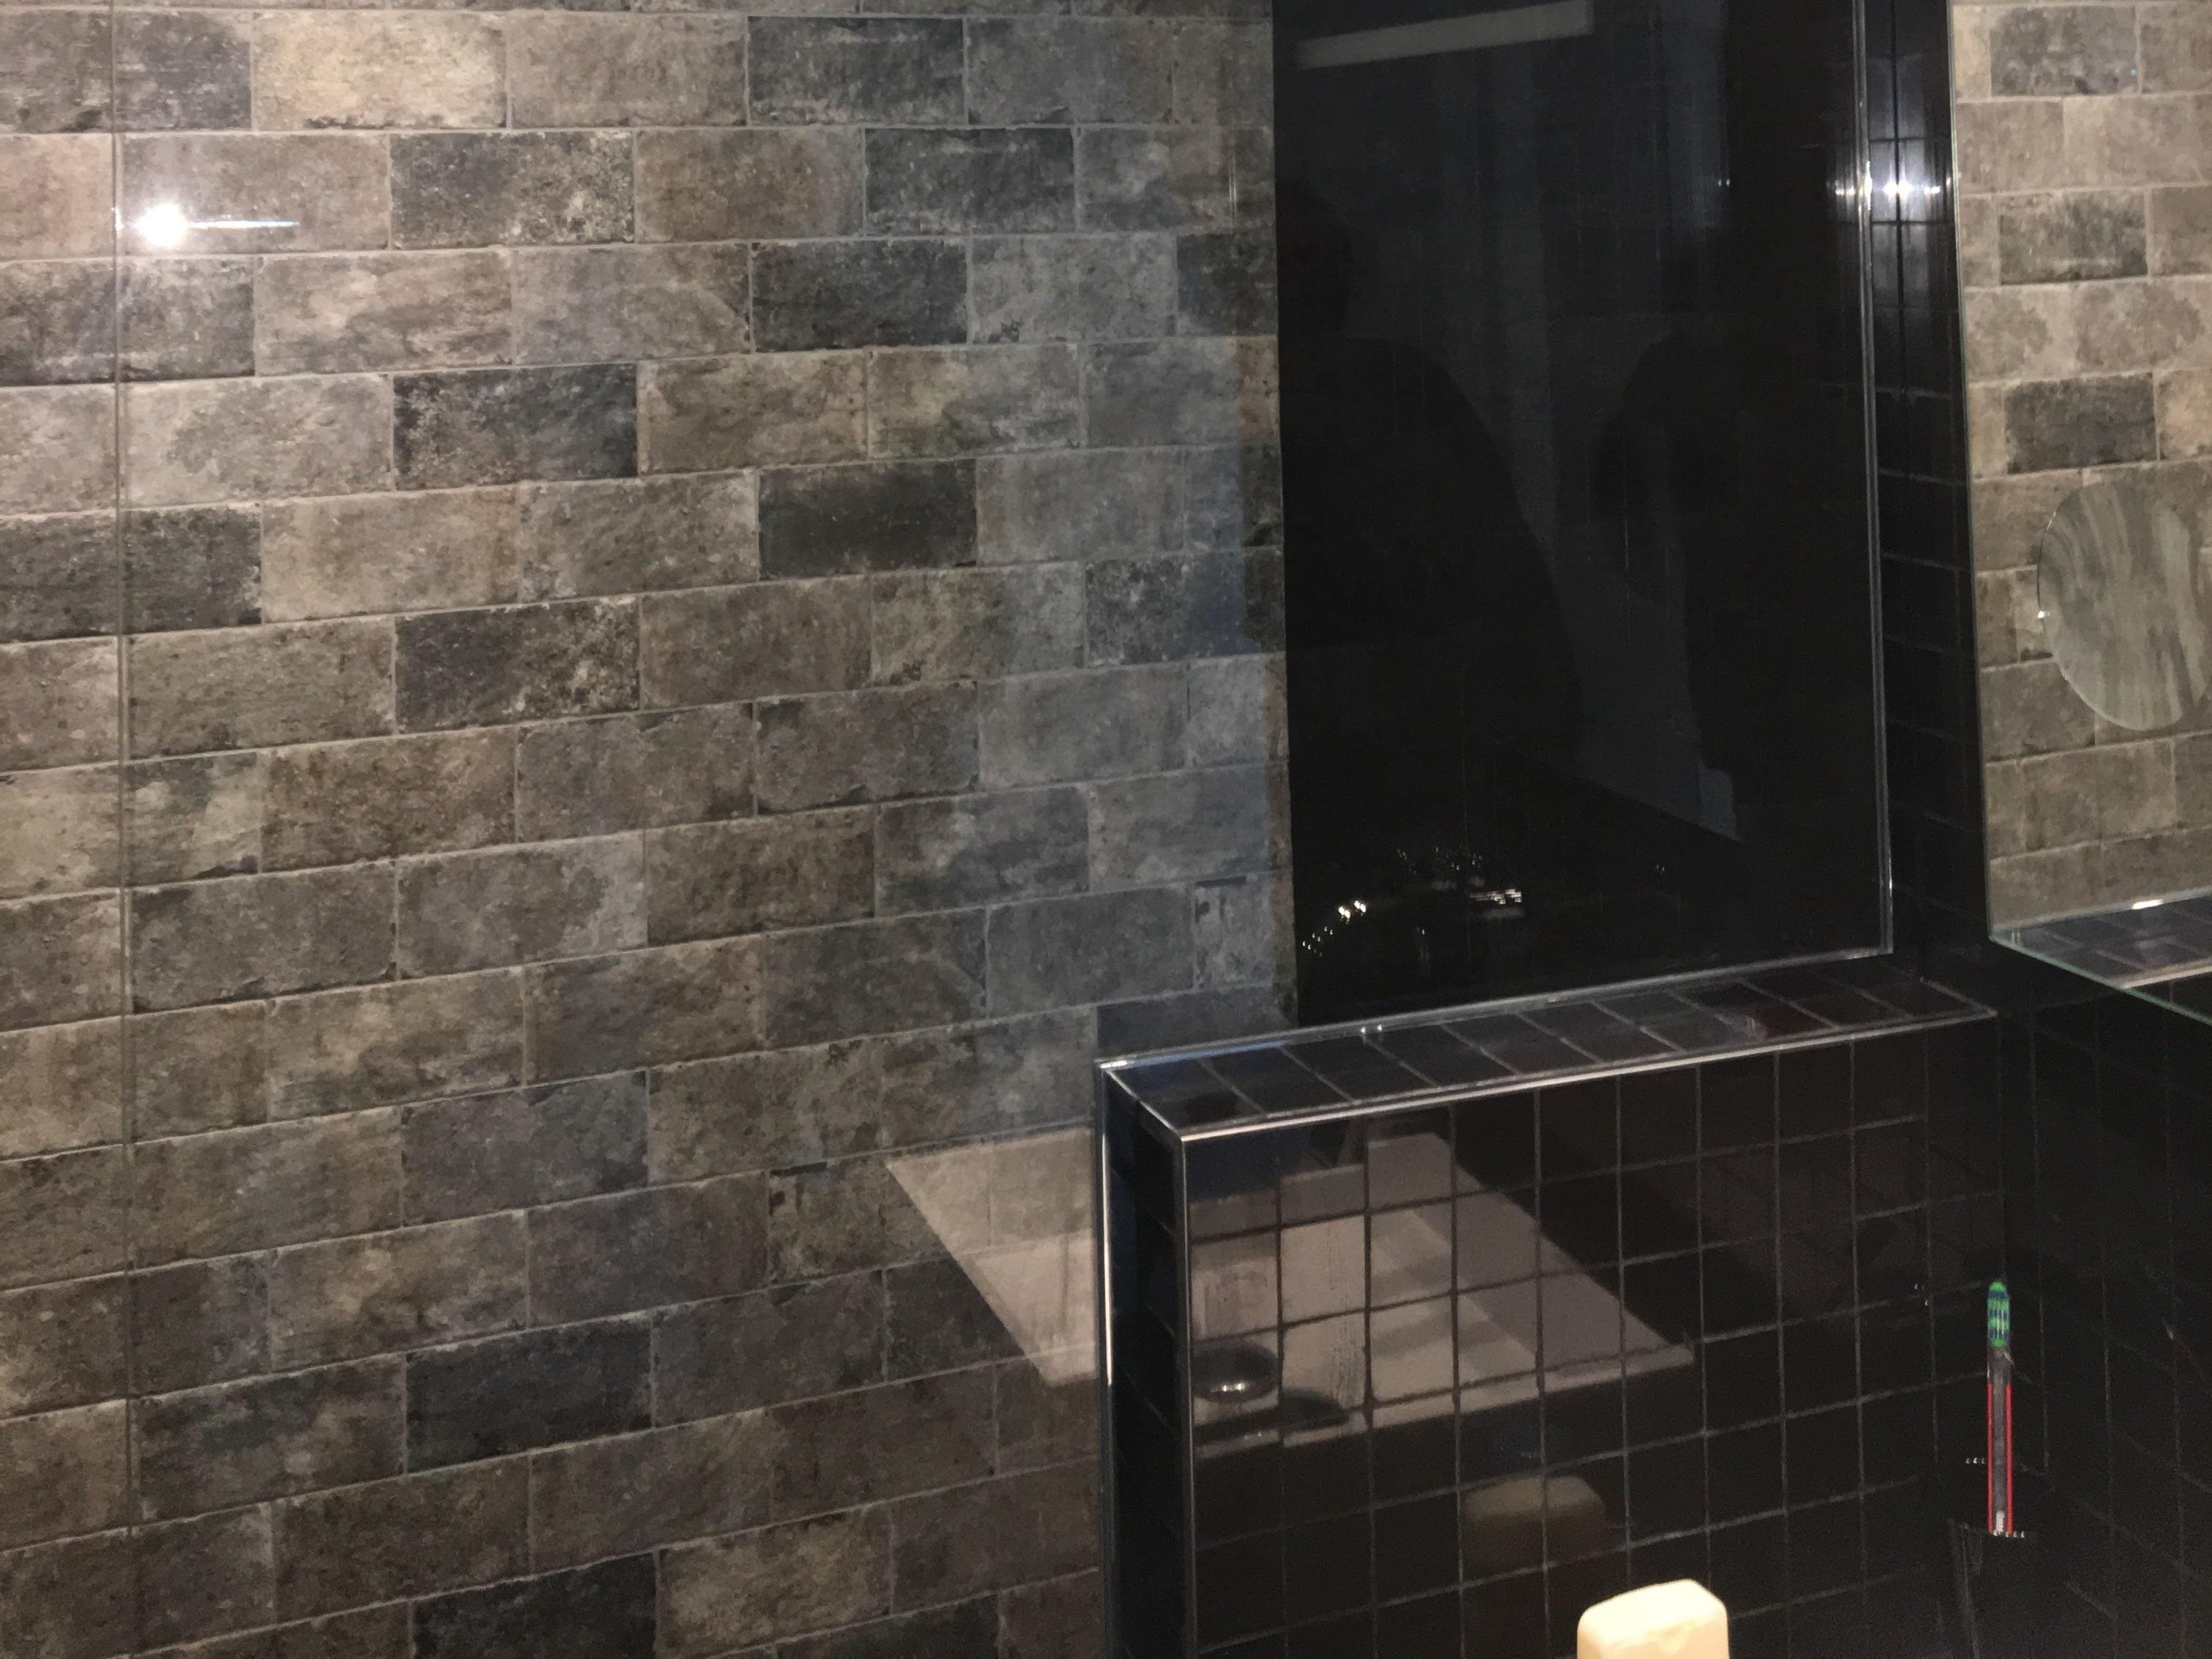 RénovatiRénovation complète d'un appartement on complète d'un appartement